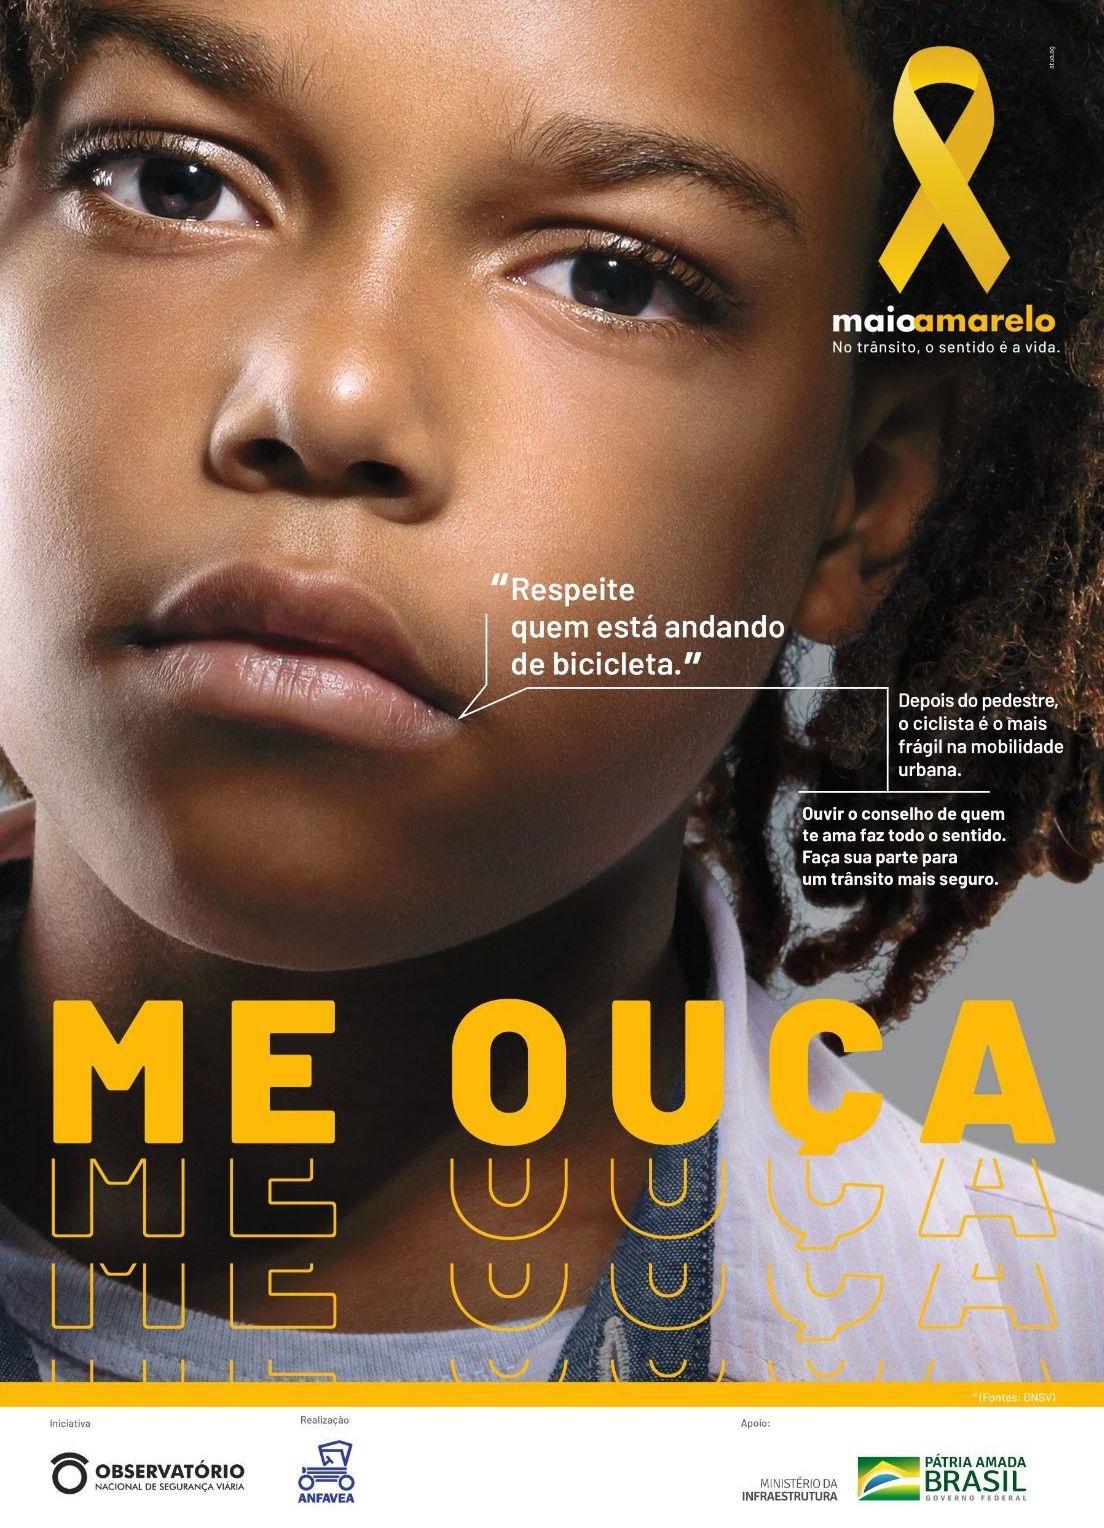 A campanha 2019 do Maio Amarelo incentiva os motoristas a escutarem as crianças. Os pequenos, muitas vezes vítimas, sabem bem o que é certo e errado.